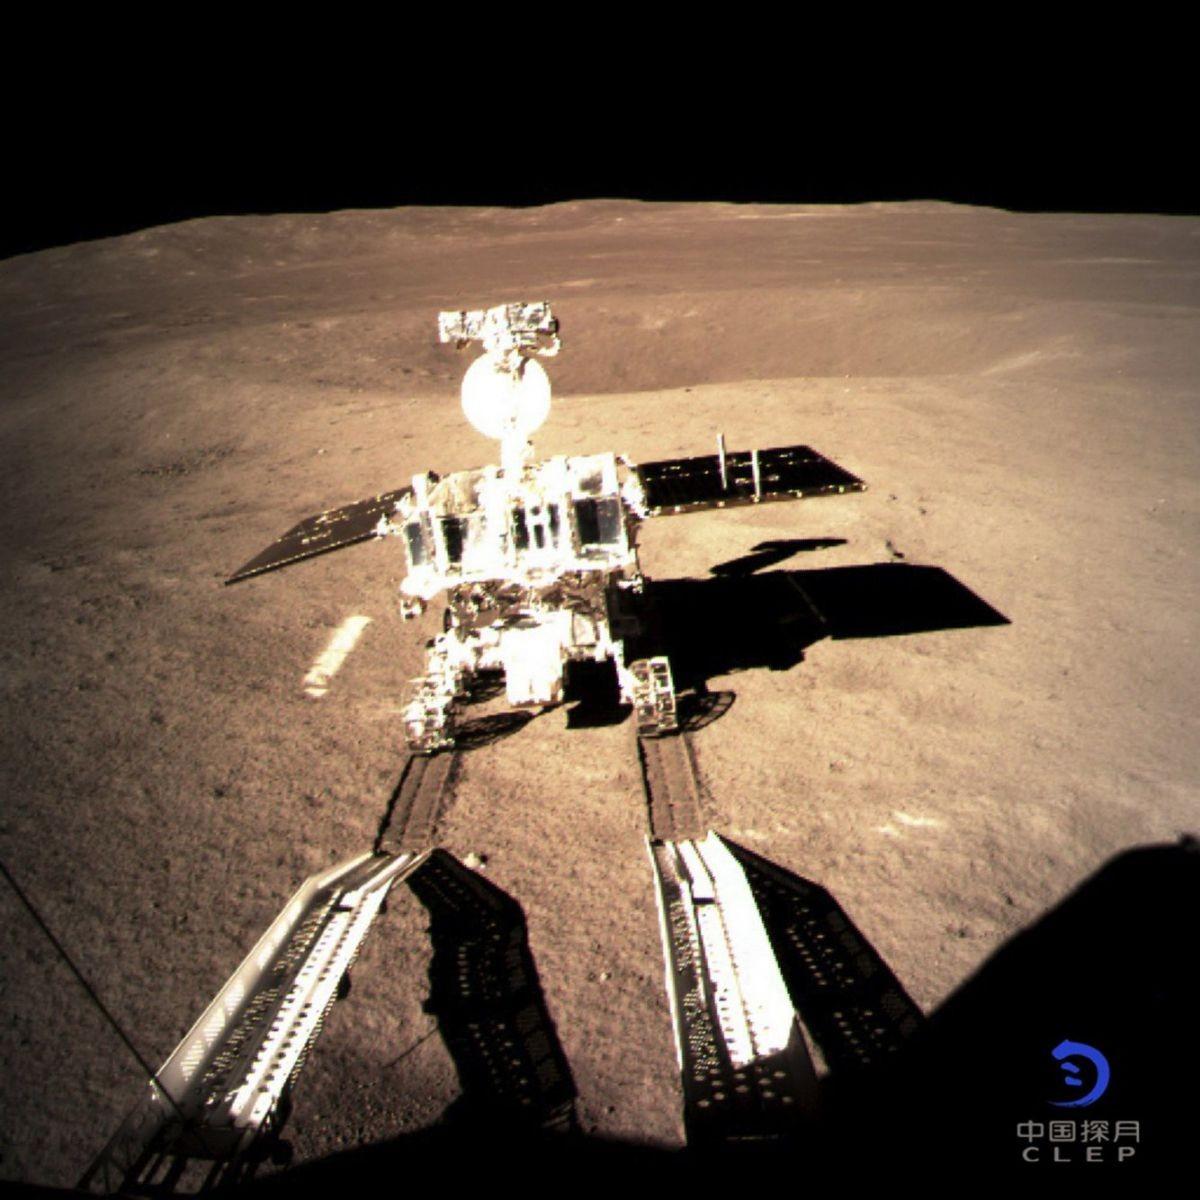 Detalhe do jipe espacial que desembarcou no lado oculto da lua (Foto: Divulgação)